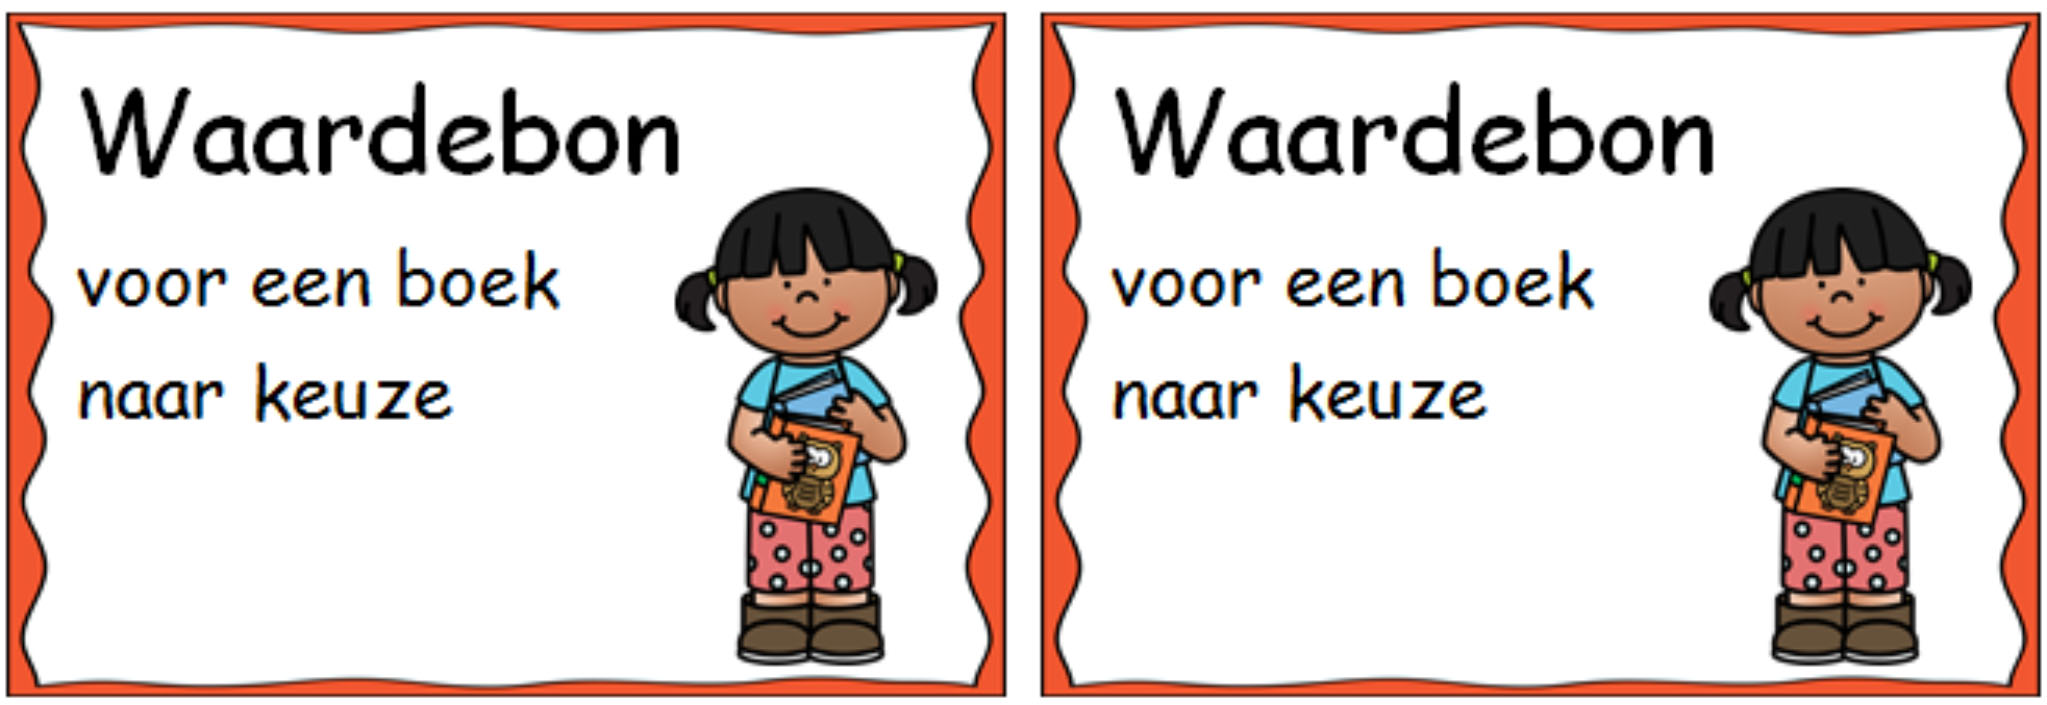 Kinderboekenruilmarkt